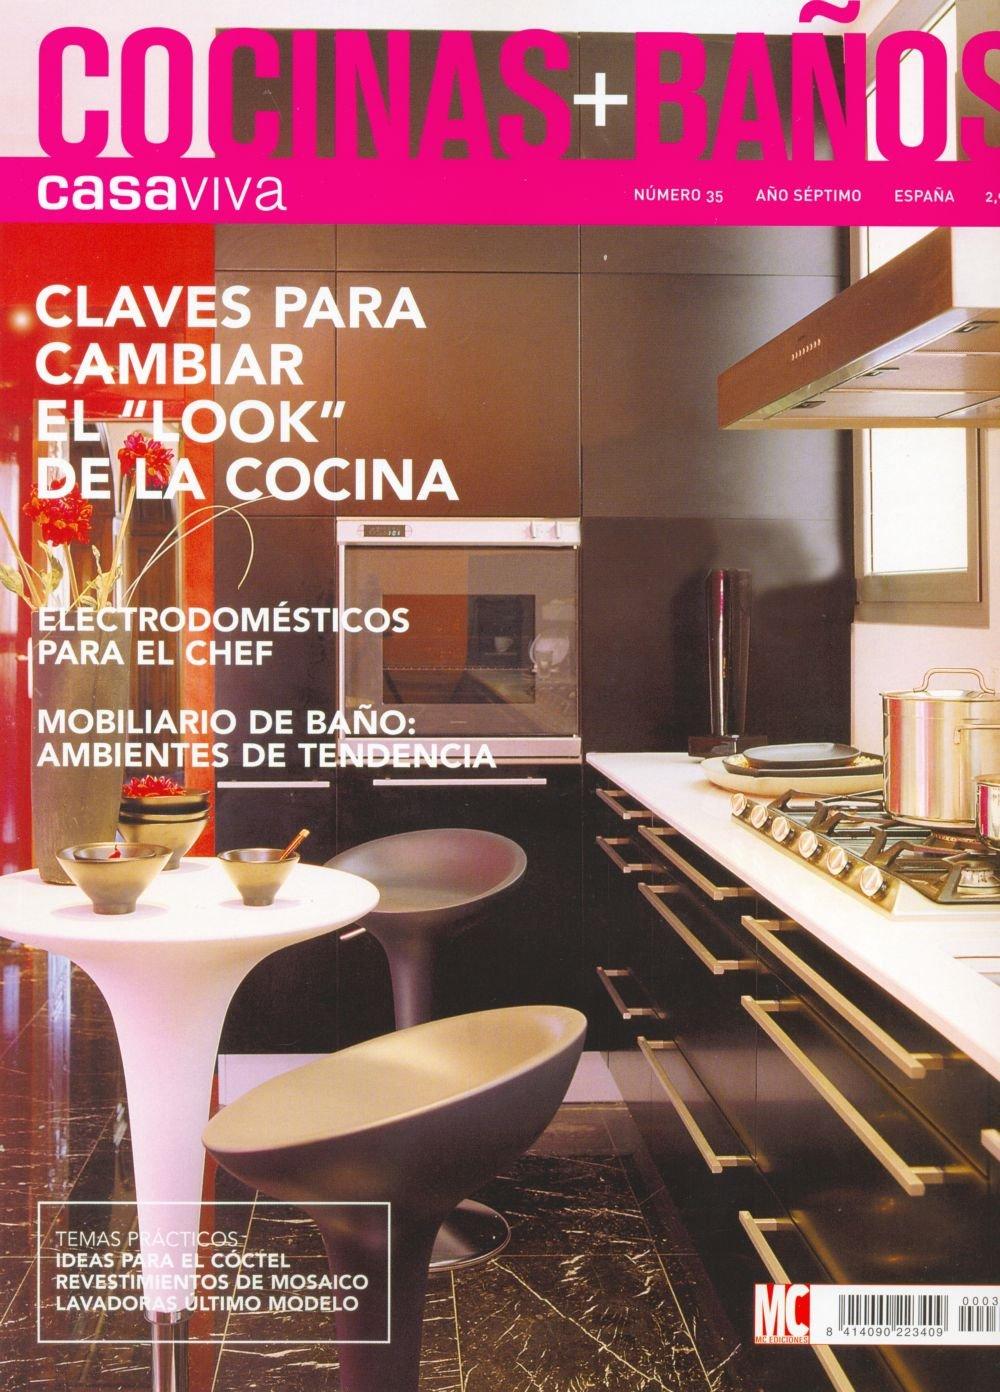 Cocinas y ba os casa viva n 35 vilablanch estudio de for Cocinas y banos casa viva